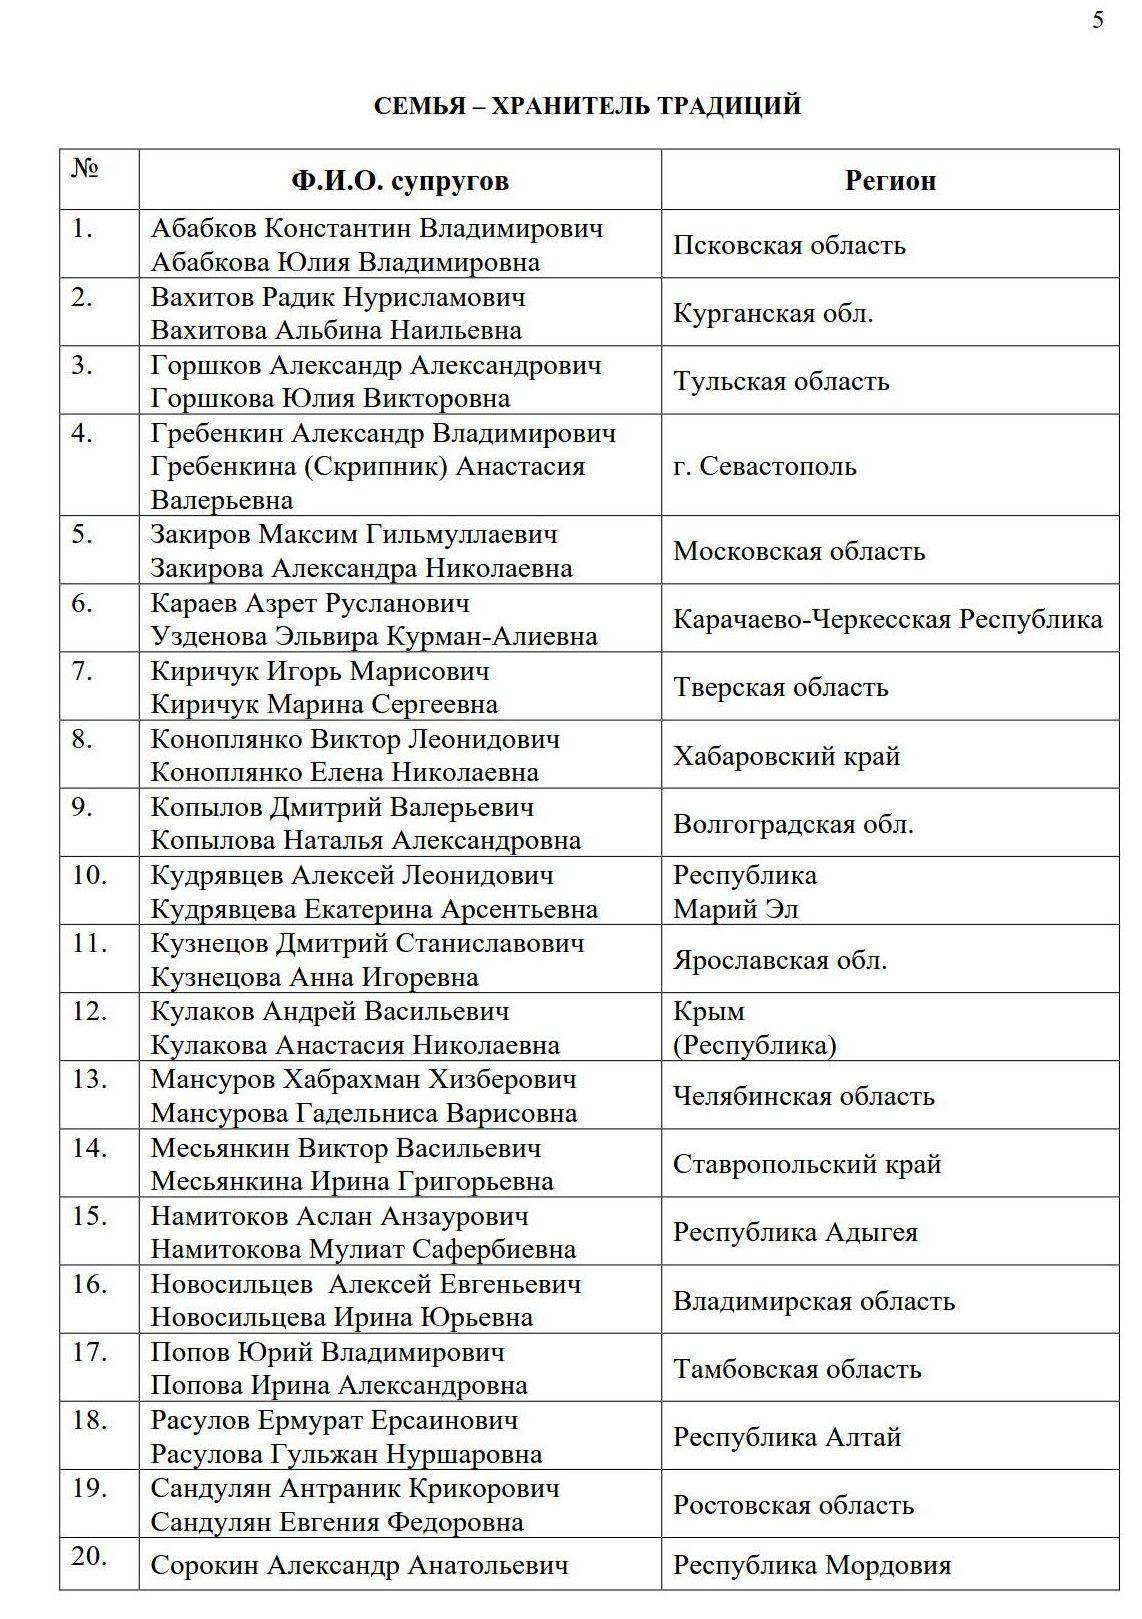 Список победителей 2020 _5